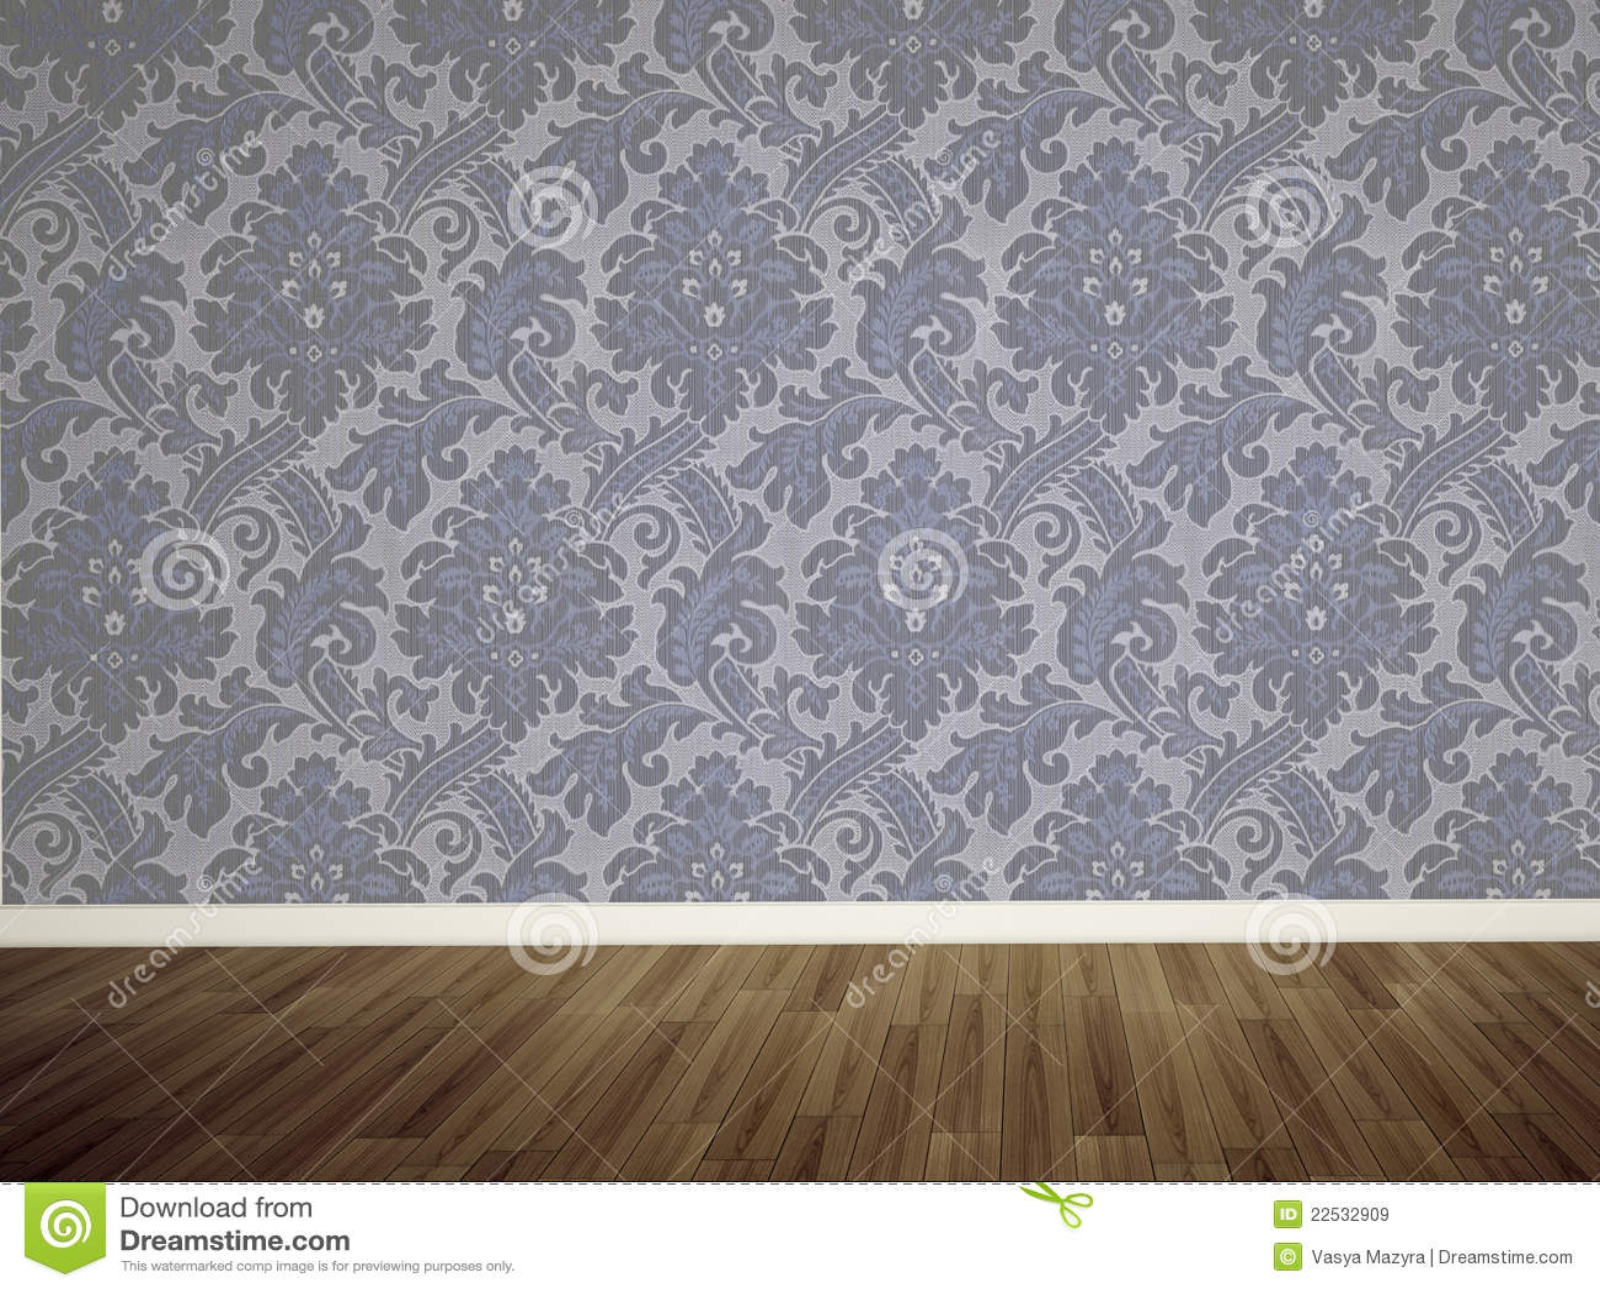 leere wand im raum stockbild bild von raum platz leben 22532909. Black Bedroom Furniture Sets. Home Design Ideas